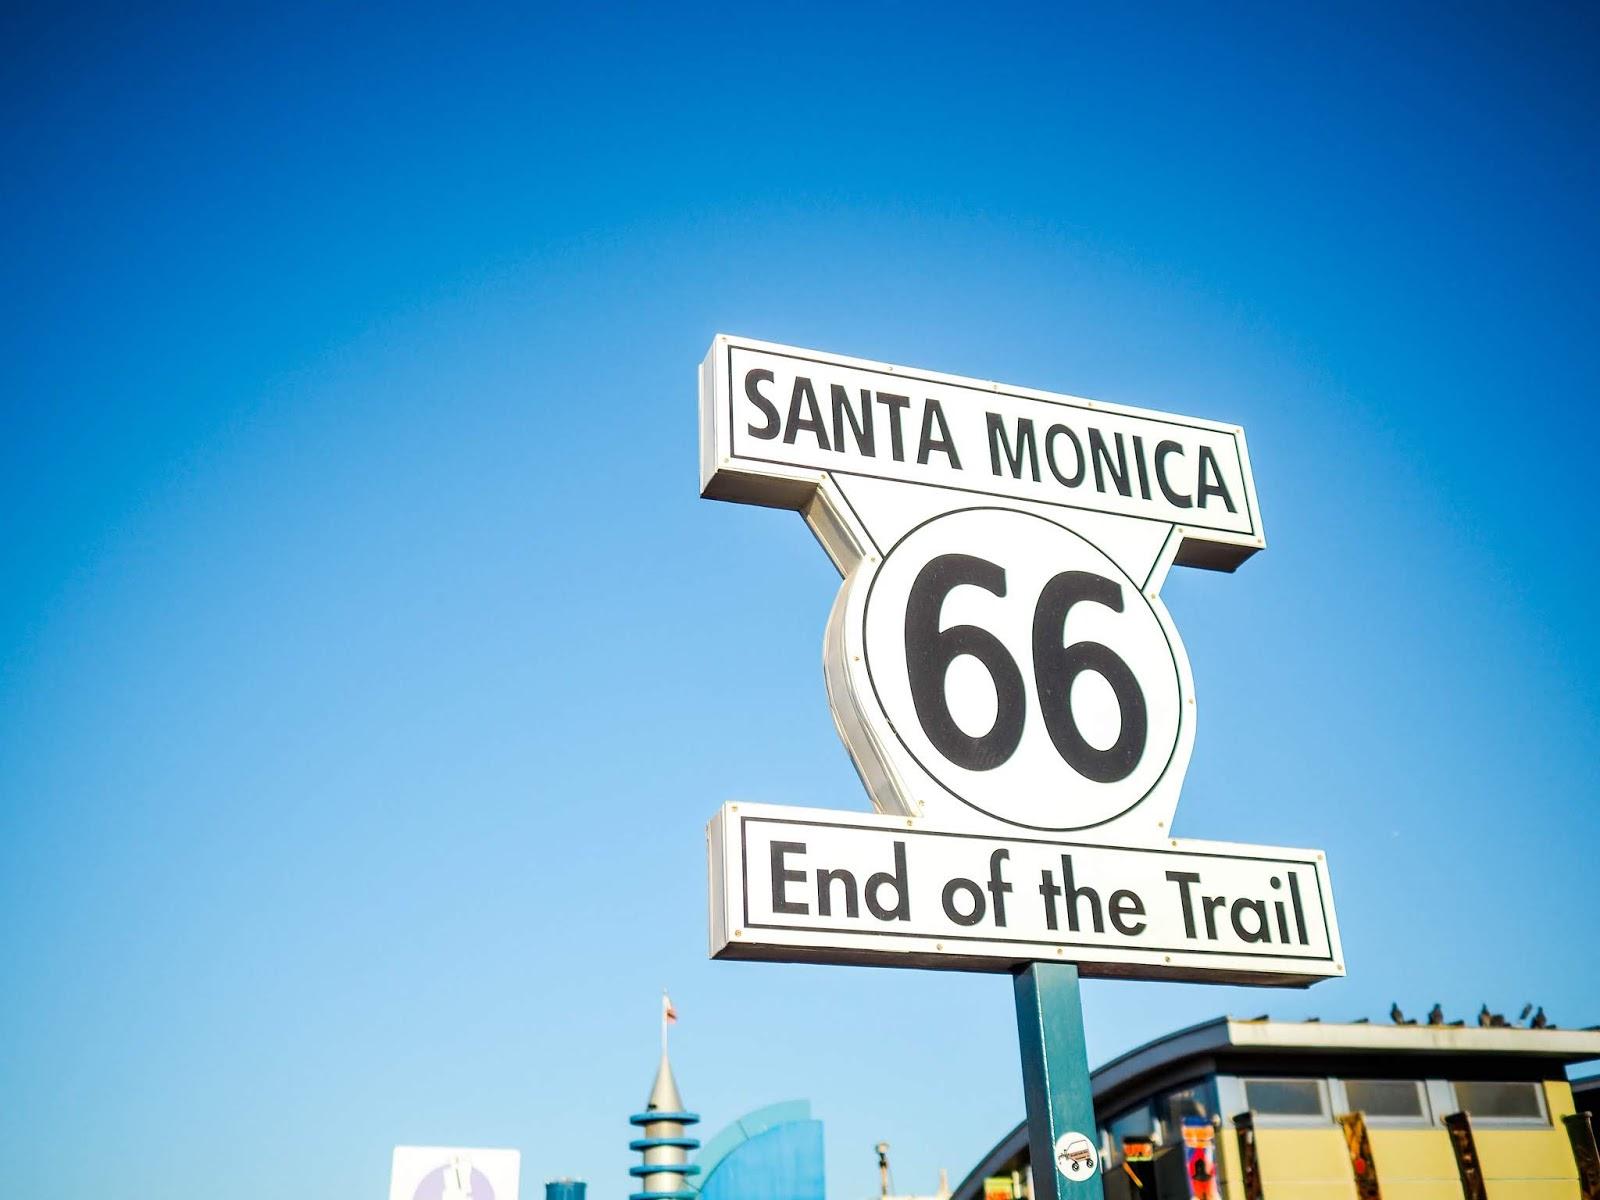 Santa Monica koukku ylös Miten aloitan oman online dating verkko sivuilla